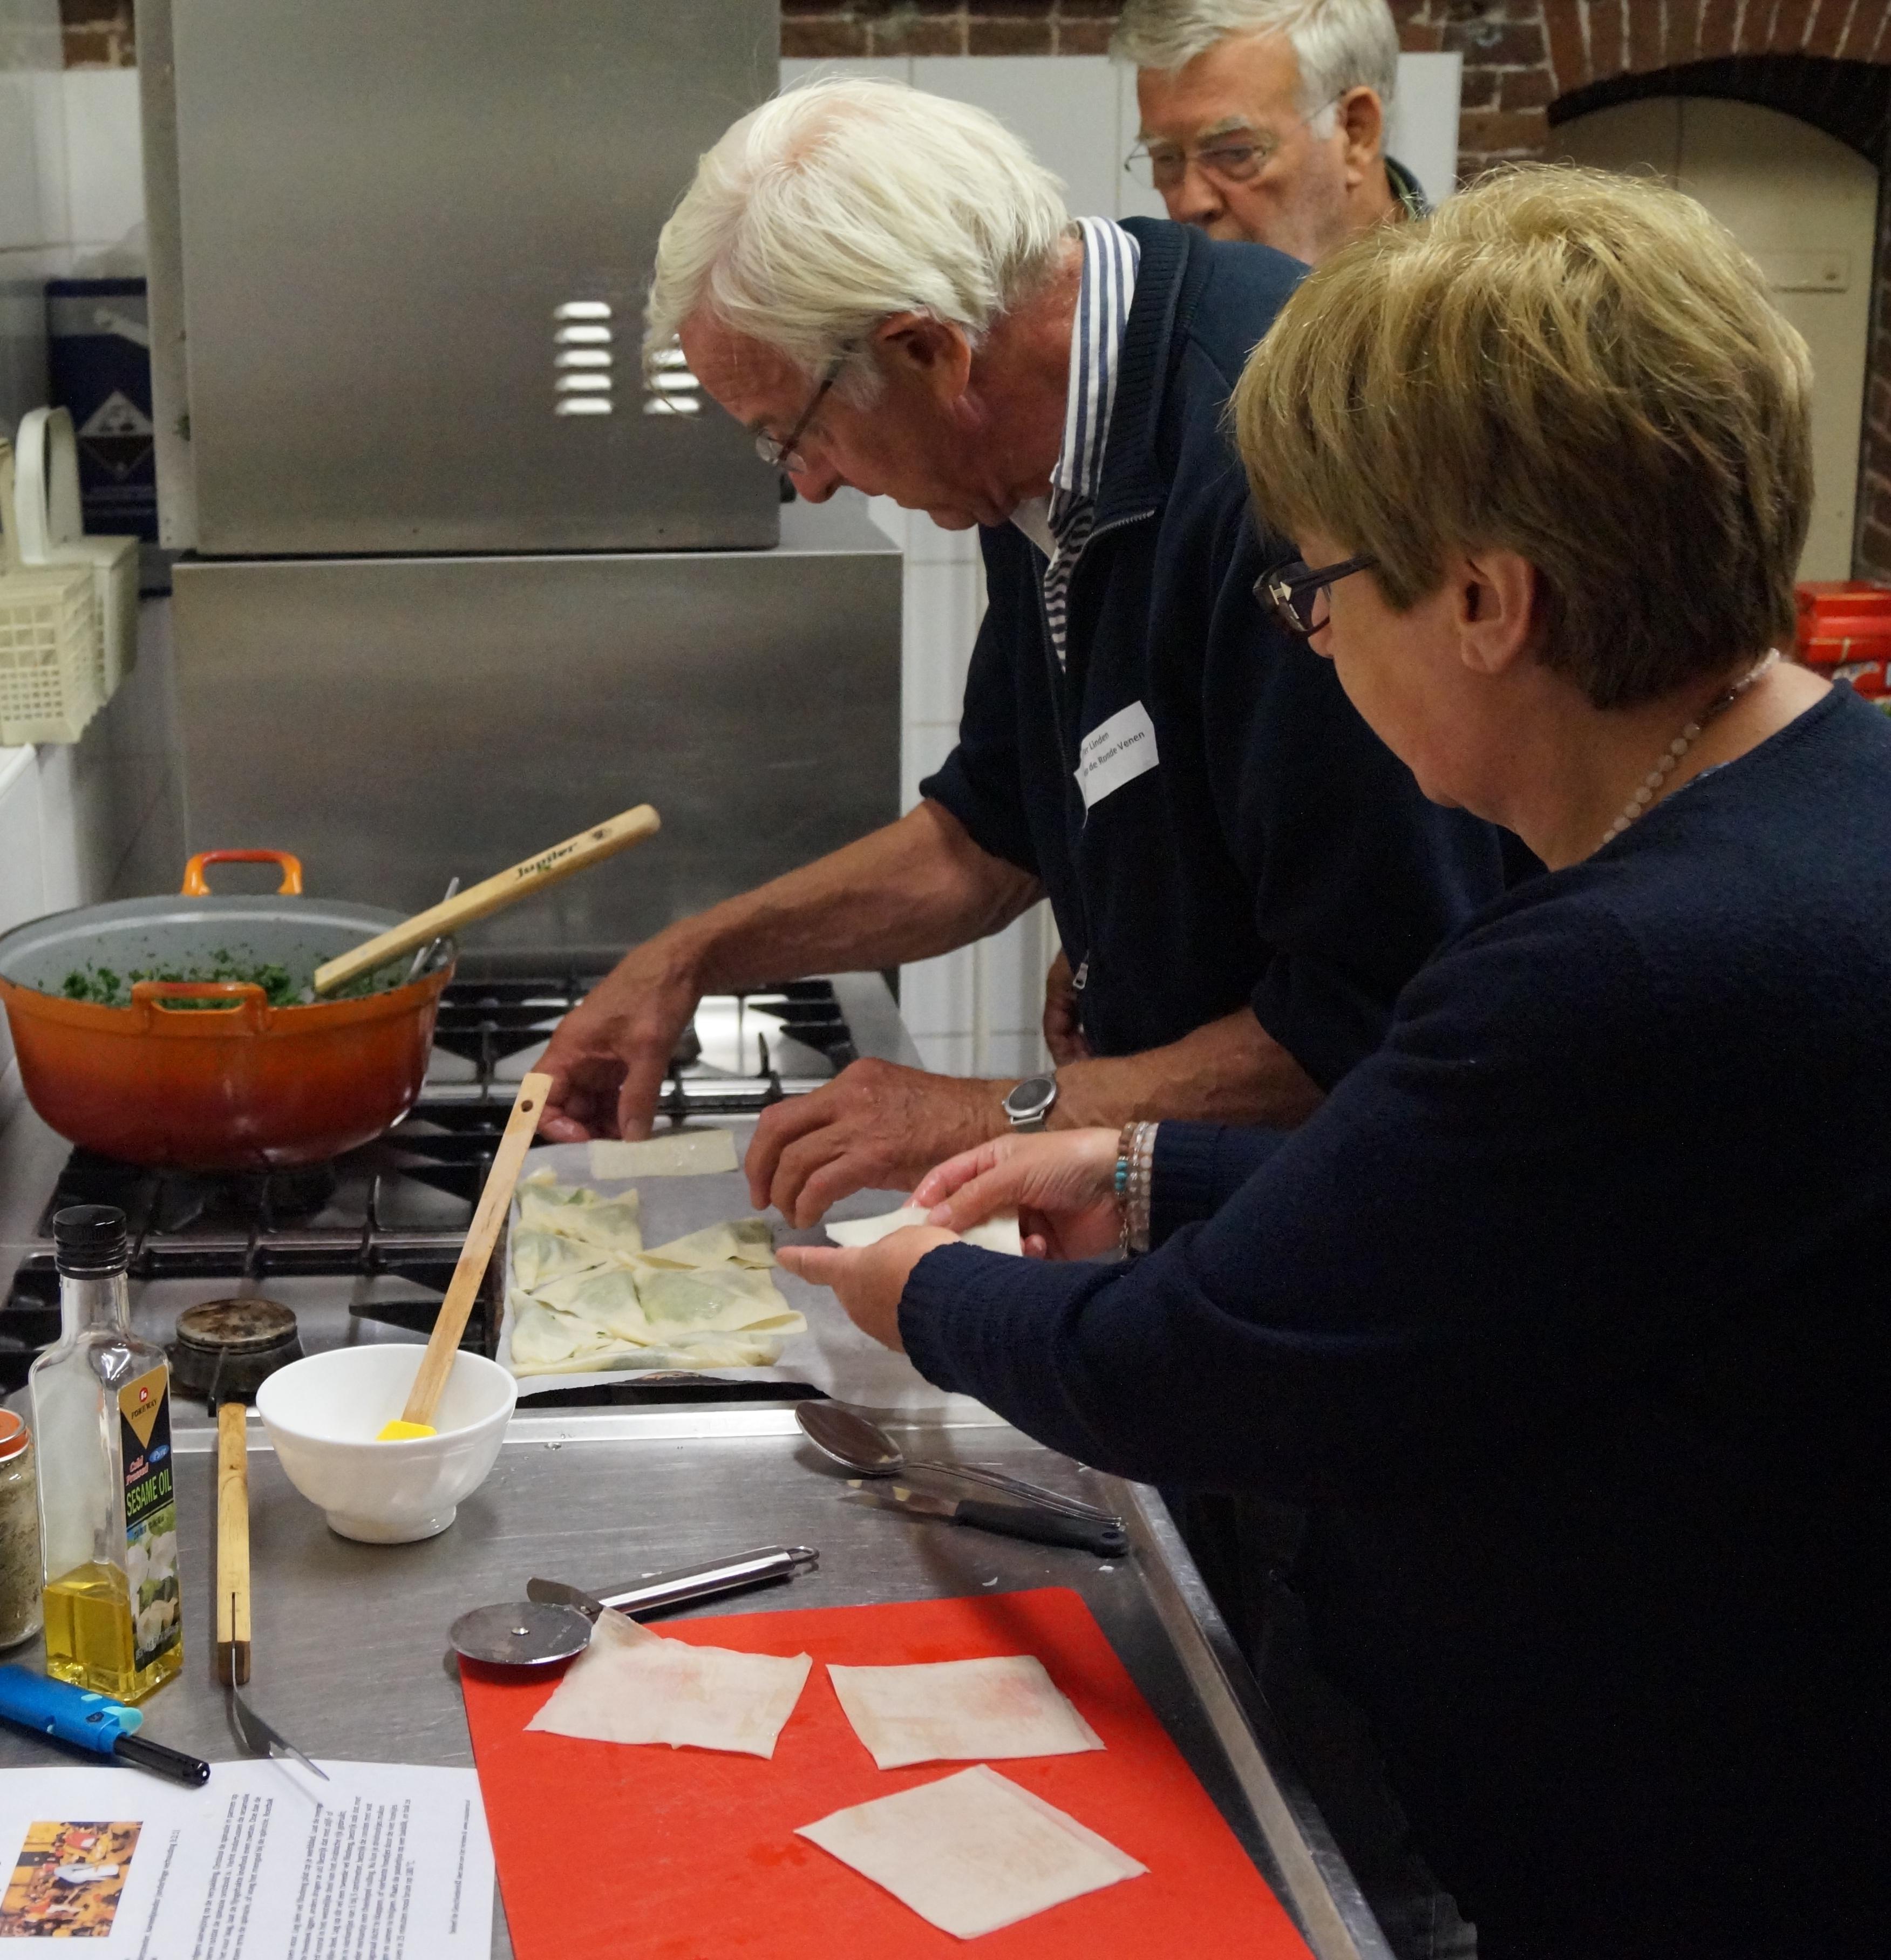 Deelnemers koken en eten samen, maar gaan tijdens de historische kookworkshop ook 'terug in de tijd'. (Foto: aangeleverd)